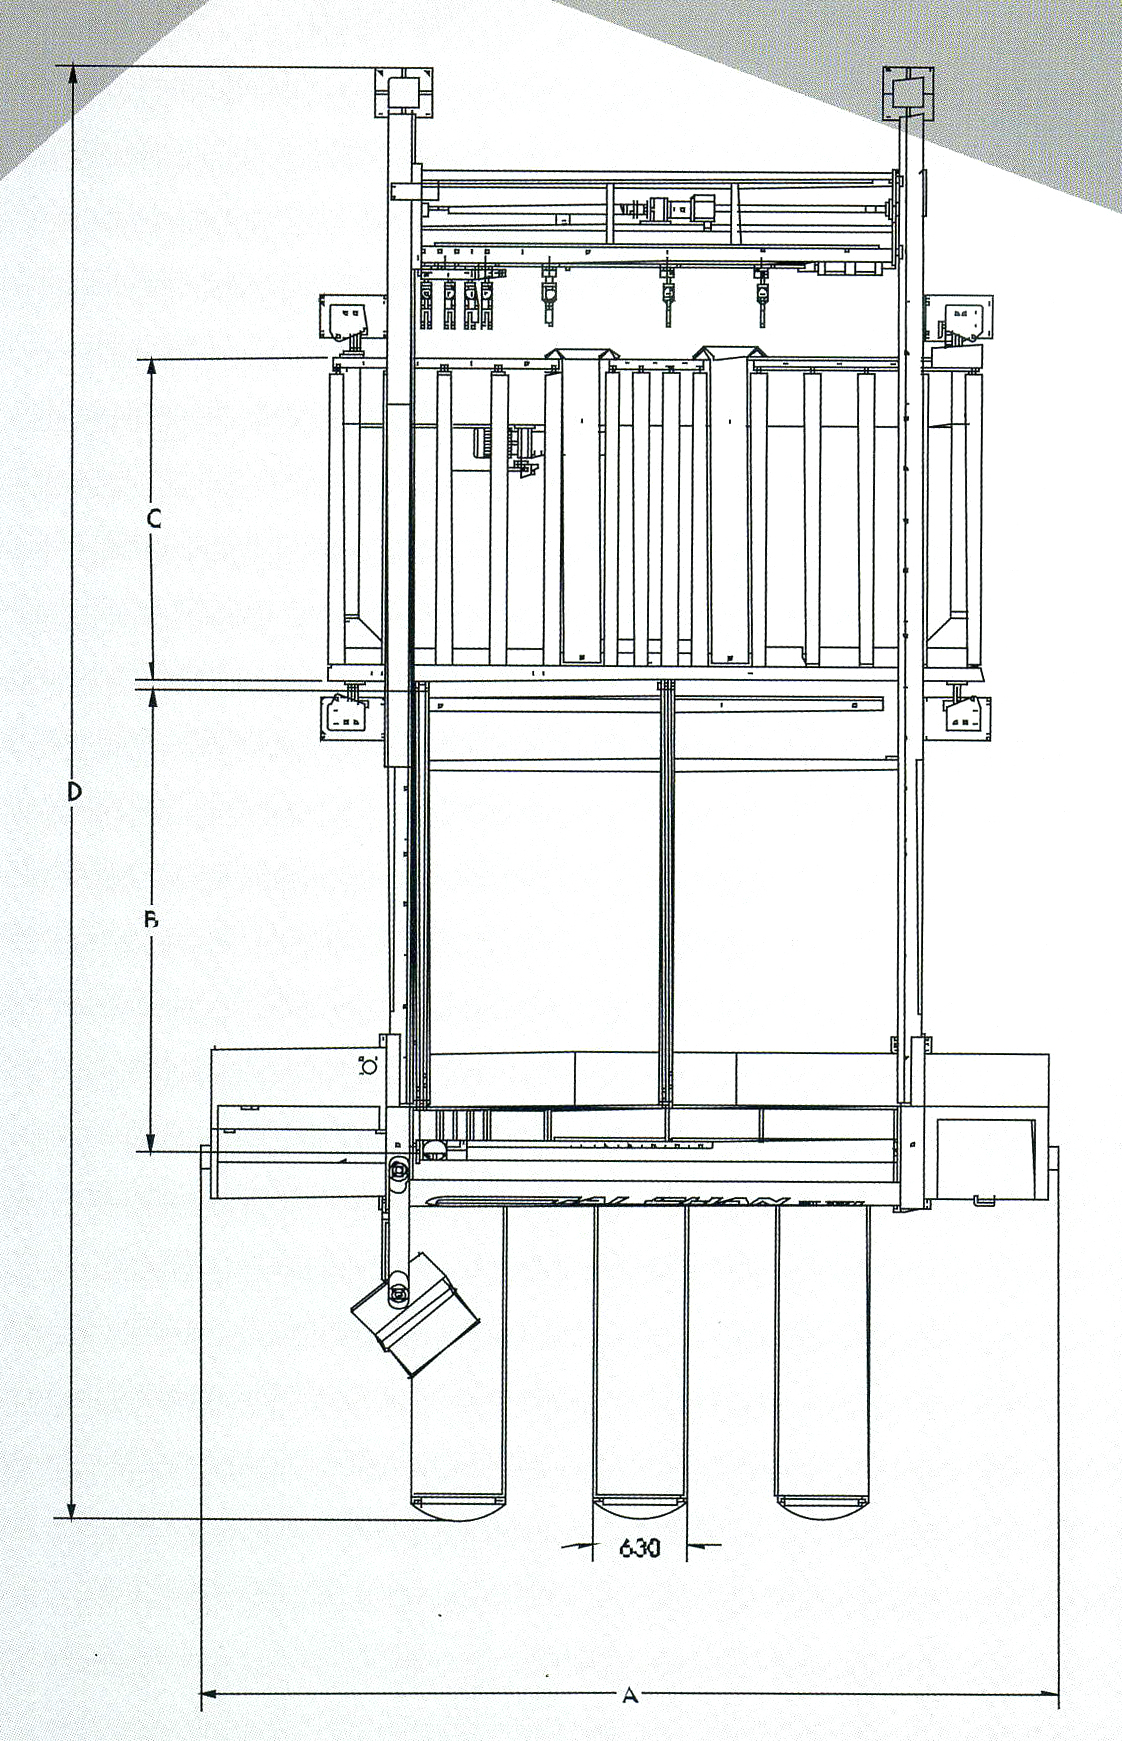 Dimensional drawing TPS-SNL